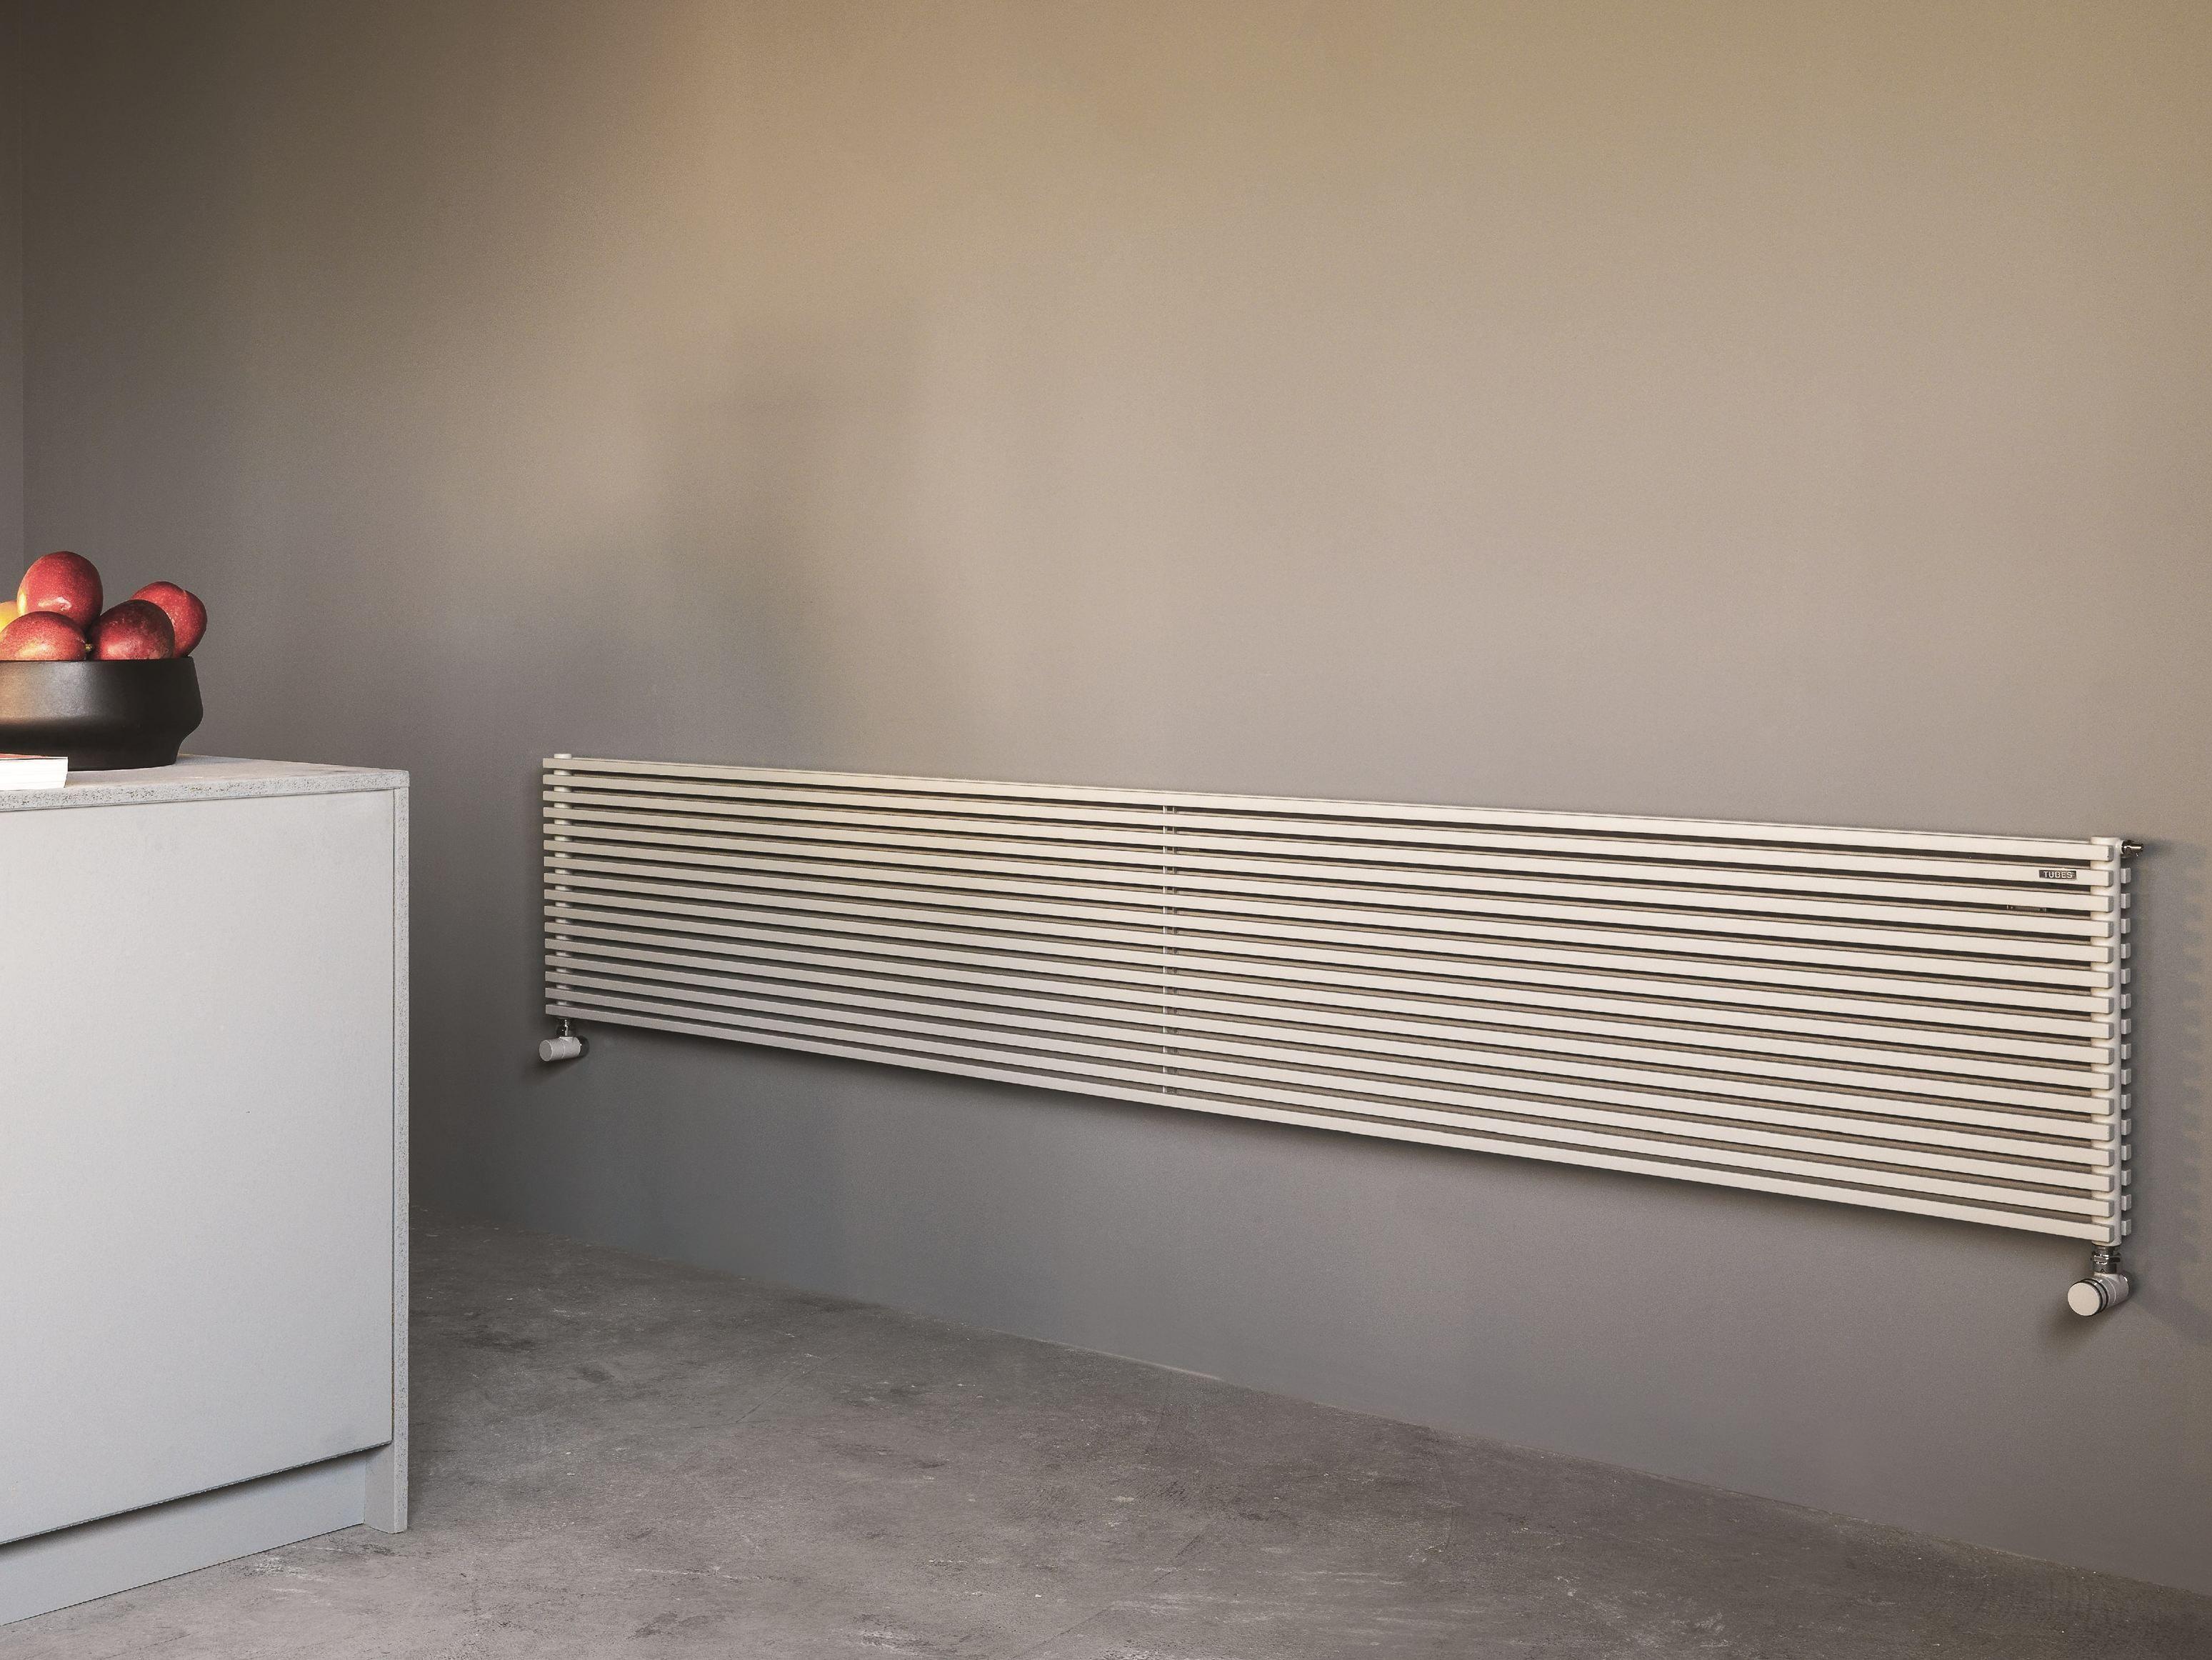 Radiatori artistici. riciclabile al il radiatore with radiatori